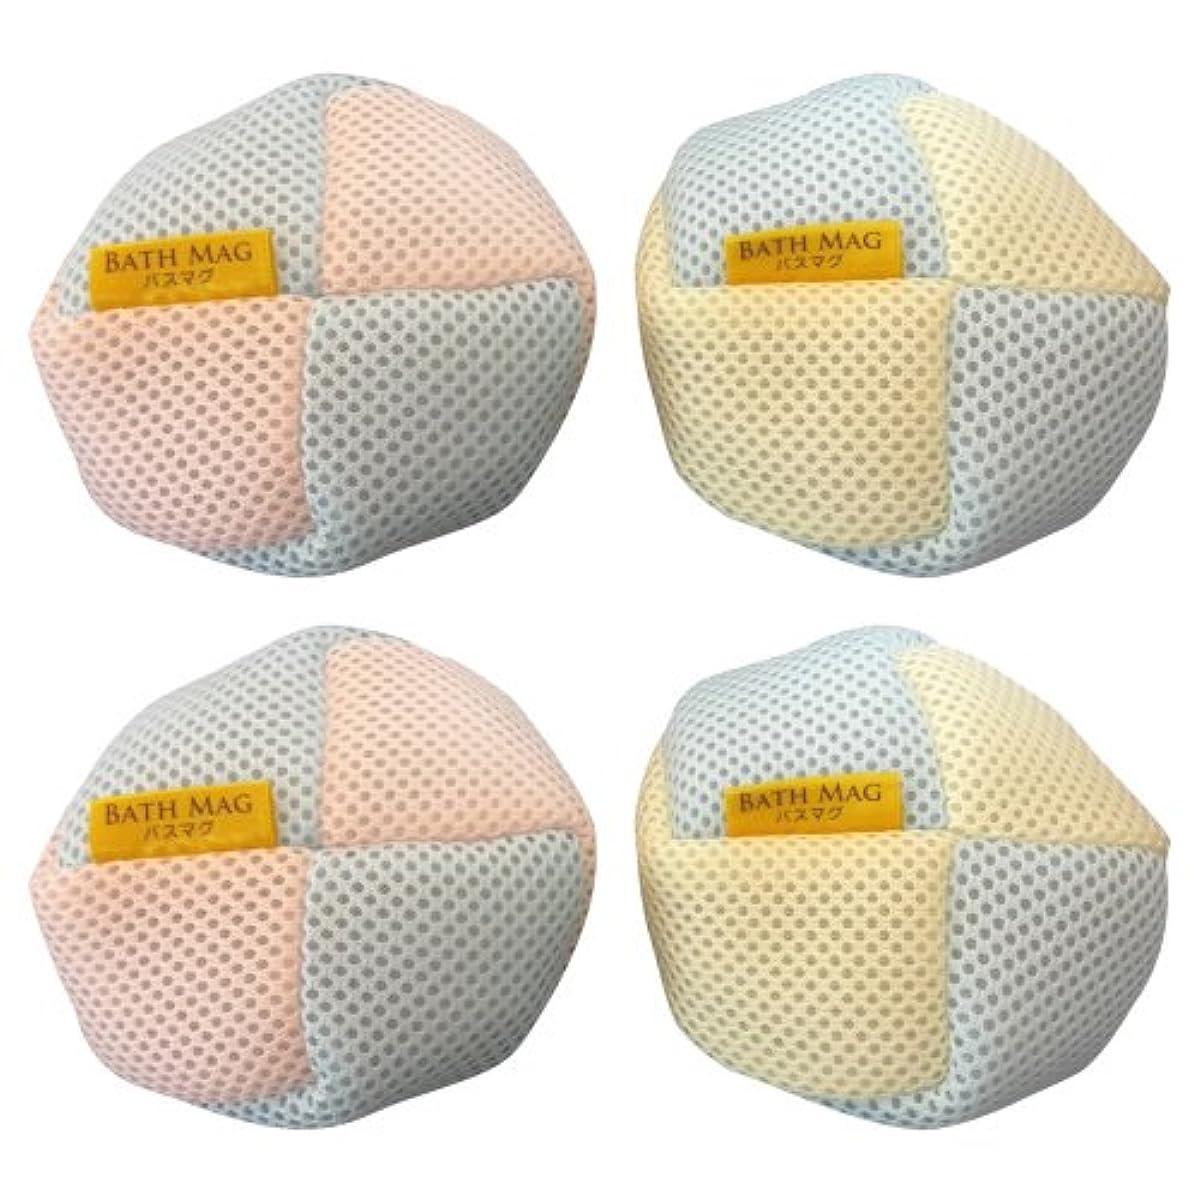 ドロップ大きなスケールで見ると作業BATH MAG マグネシウムde水素浴(バスマグ)2個入り×2箱セット(計4個)